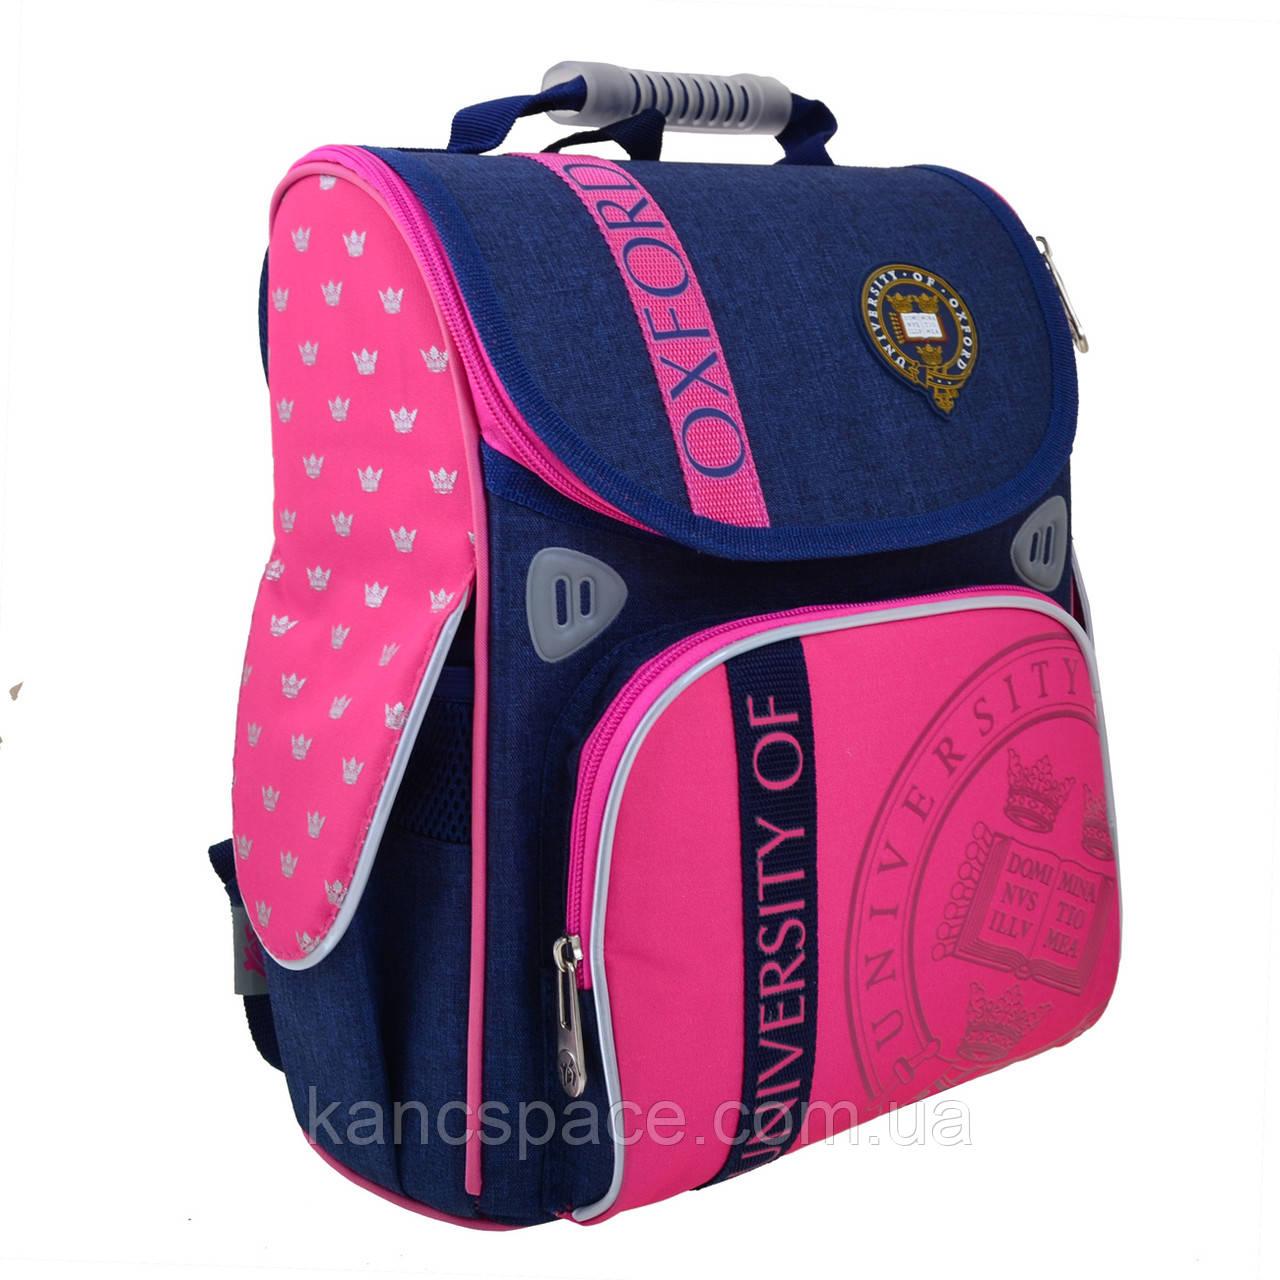 Рюкзак каркасний H-11 Oxford, 33.5*26*13.5